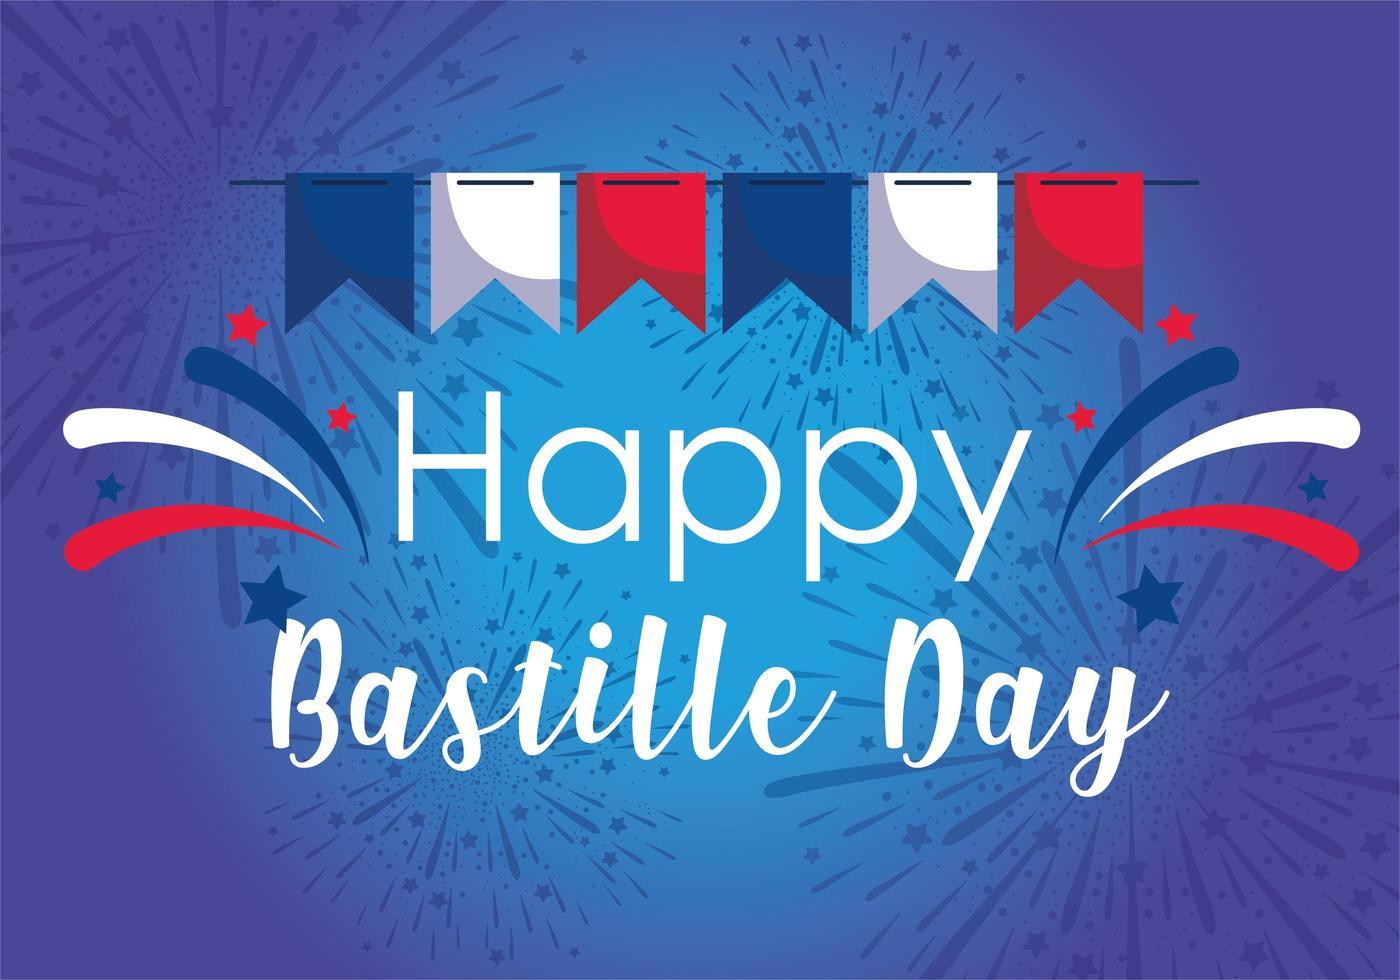 Bannerwimpel des glücklichen Bastille-Tages vektor